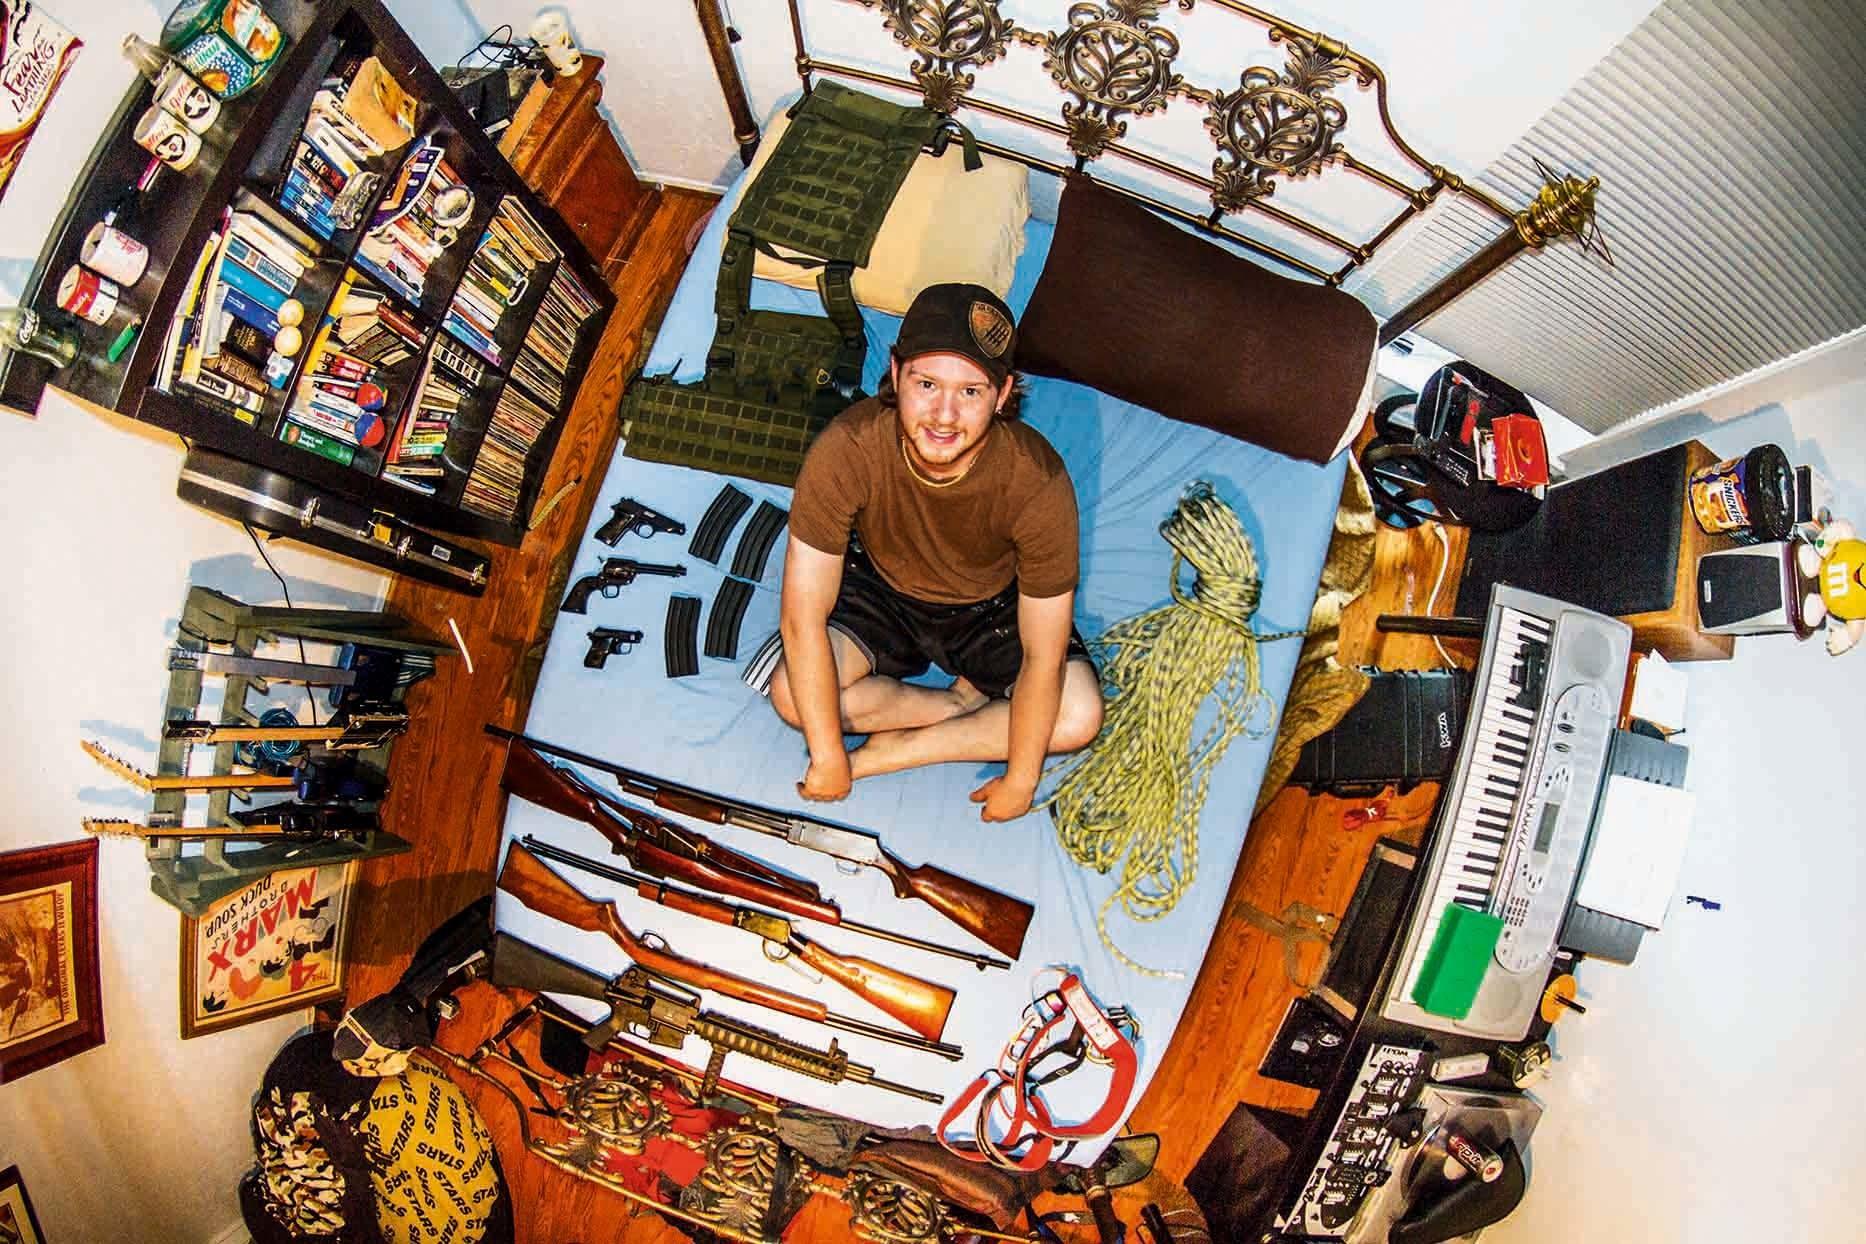 銃のコレクションがある部屋(アメリカ)Ben